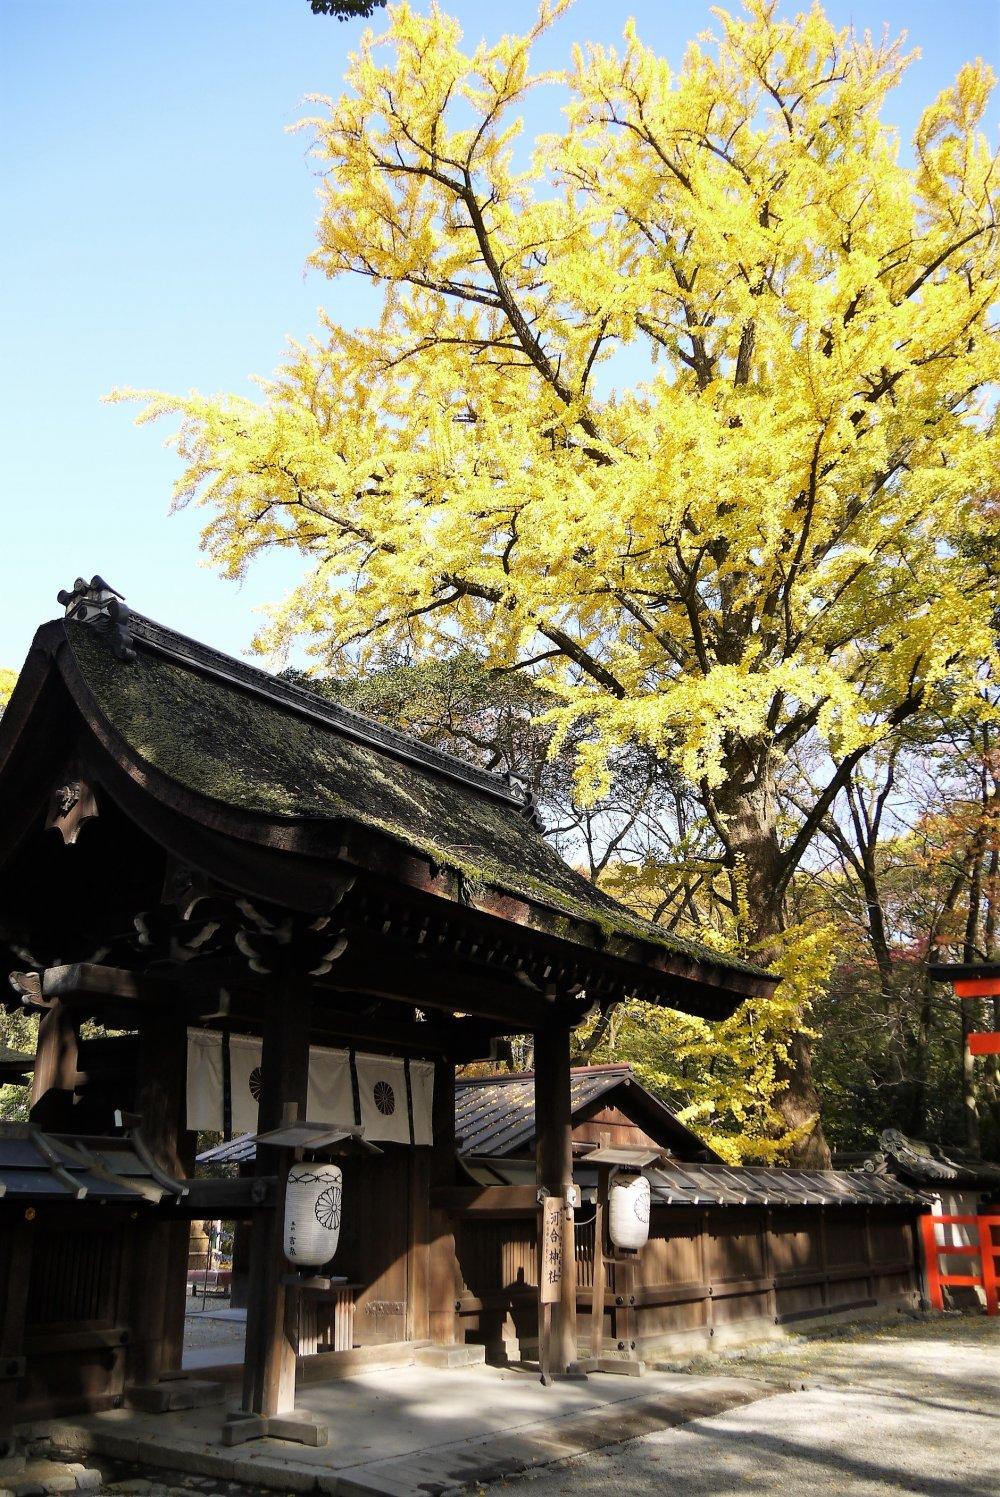 ต้นกิงโกะหรือต้นแปะก้วยตรงประตูทางเข้าศาลเจ้าเปลี่ยนสีเป็นสีเหลืองสวยในฤดูใบไม้ร่วง